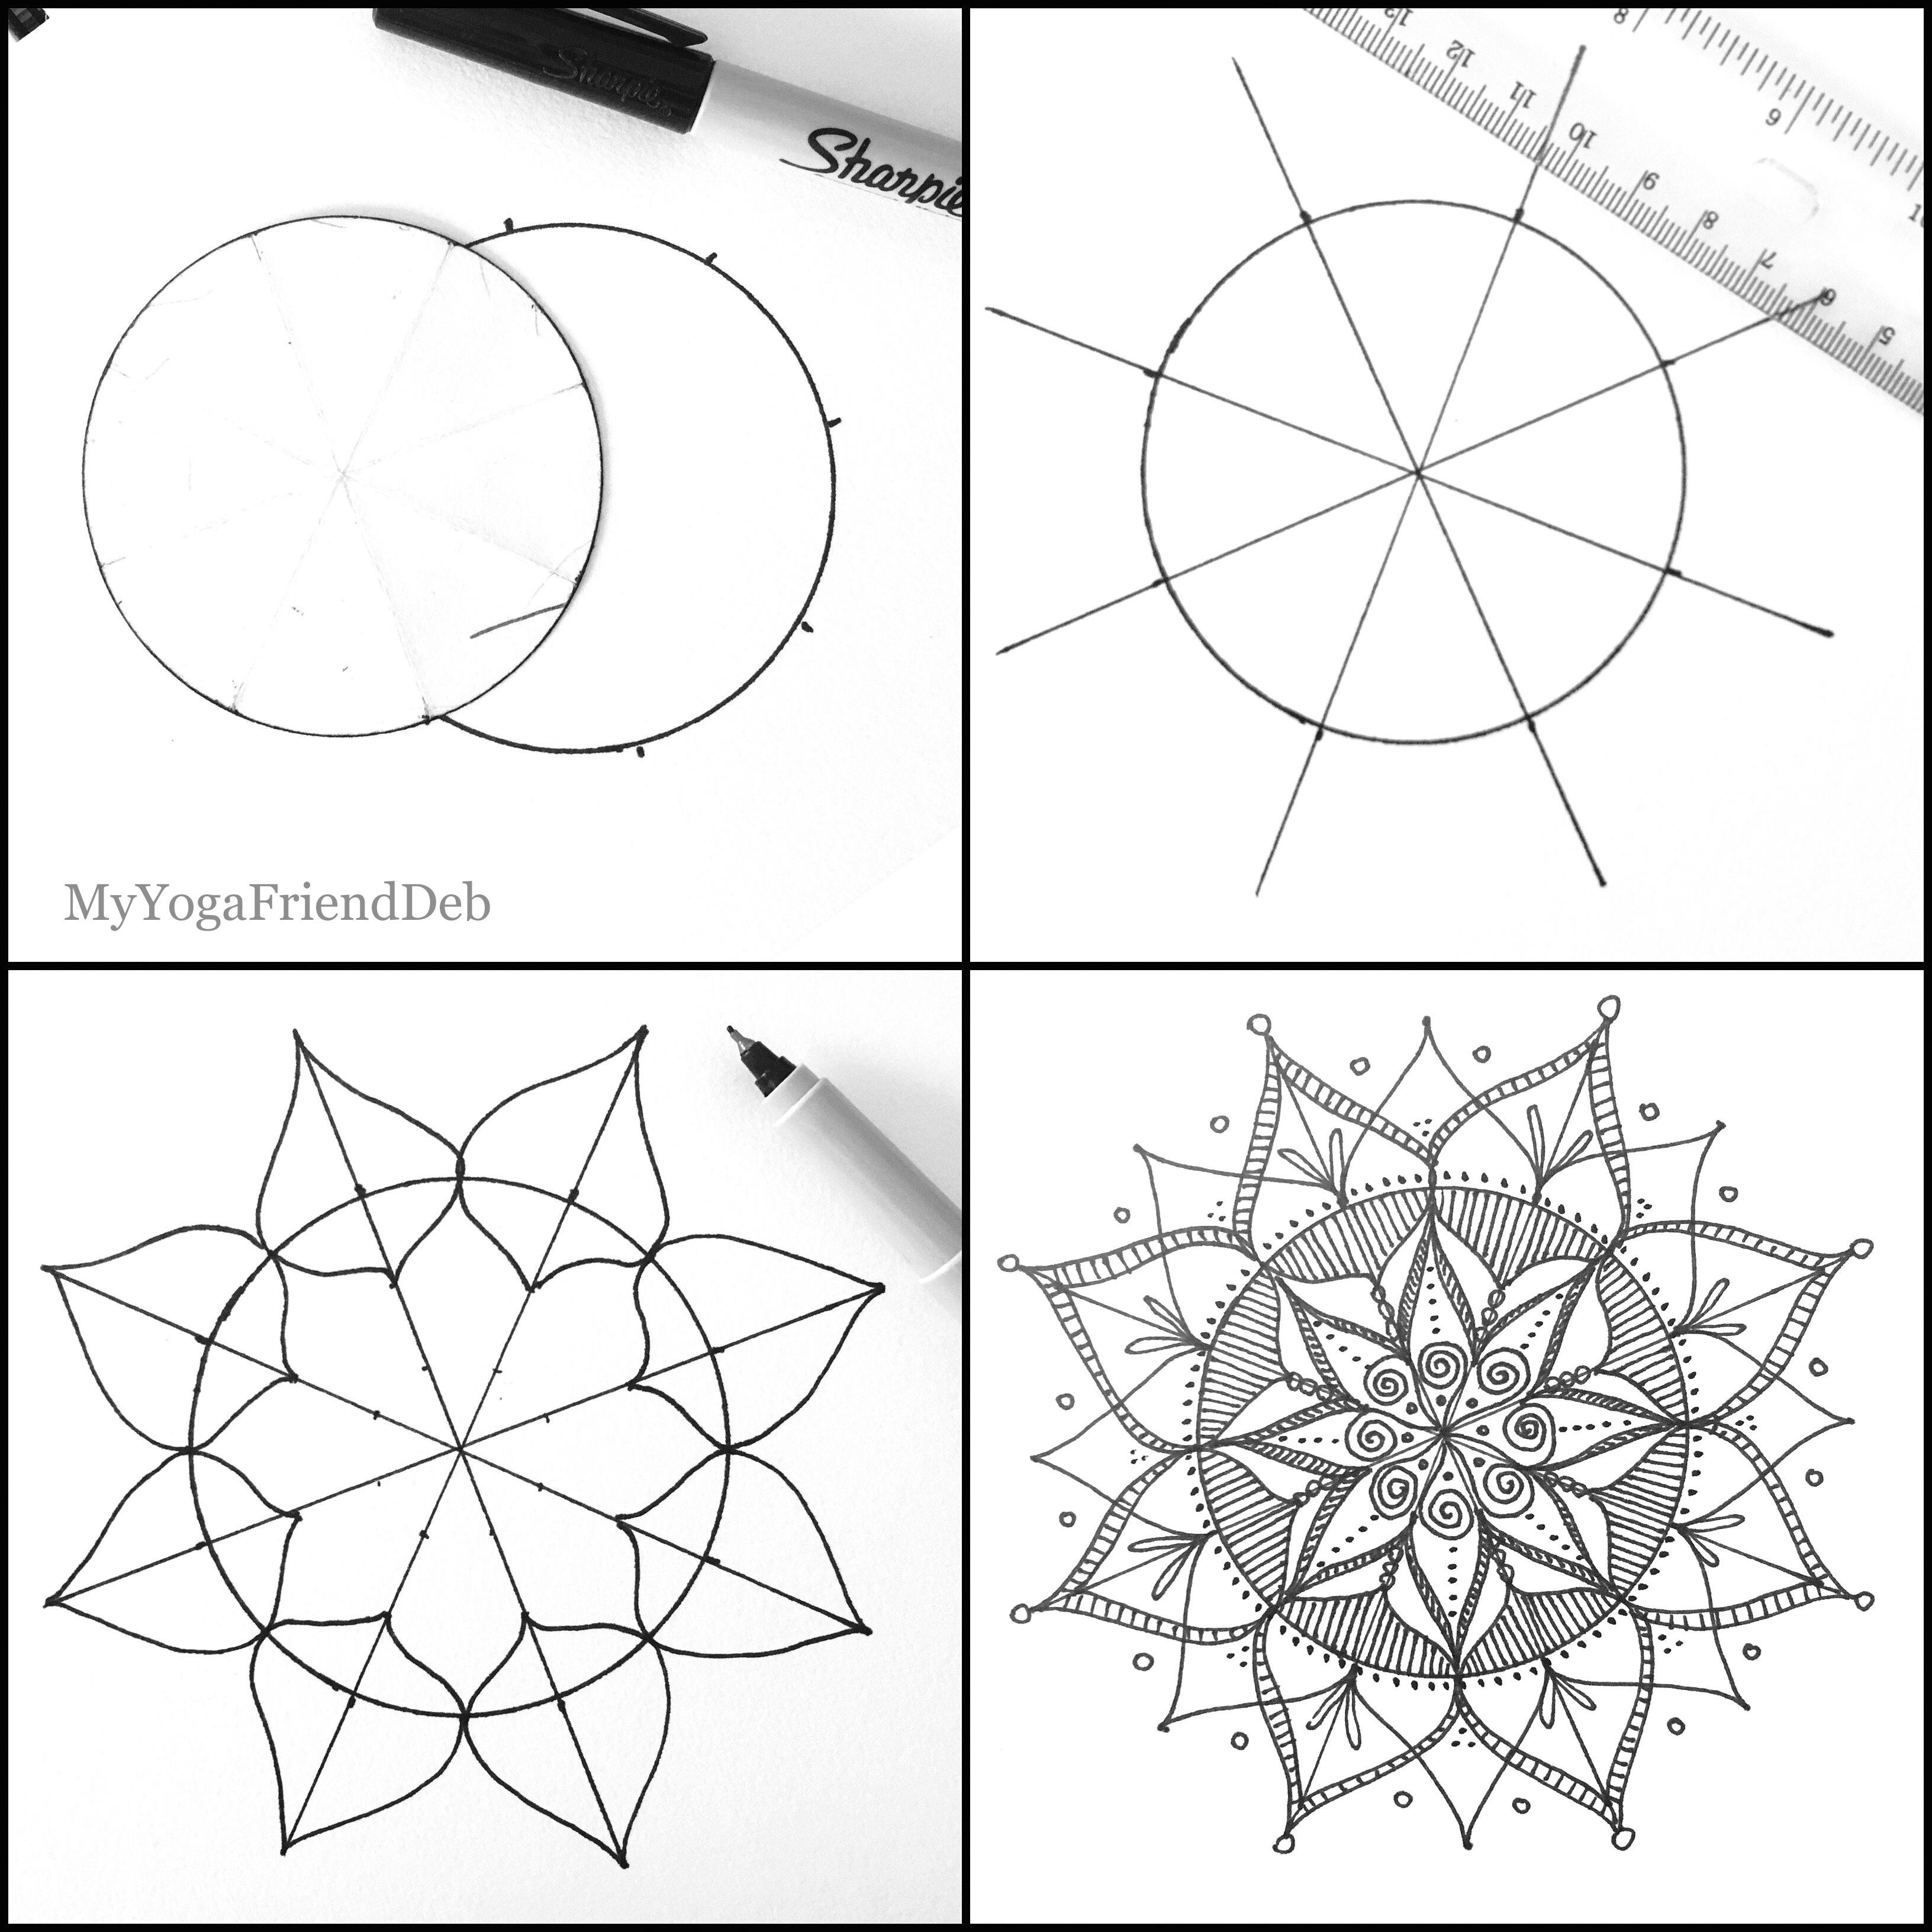 Mindfulness Drawing